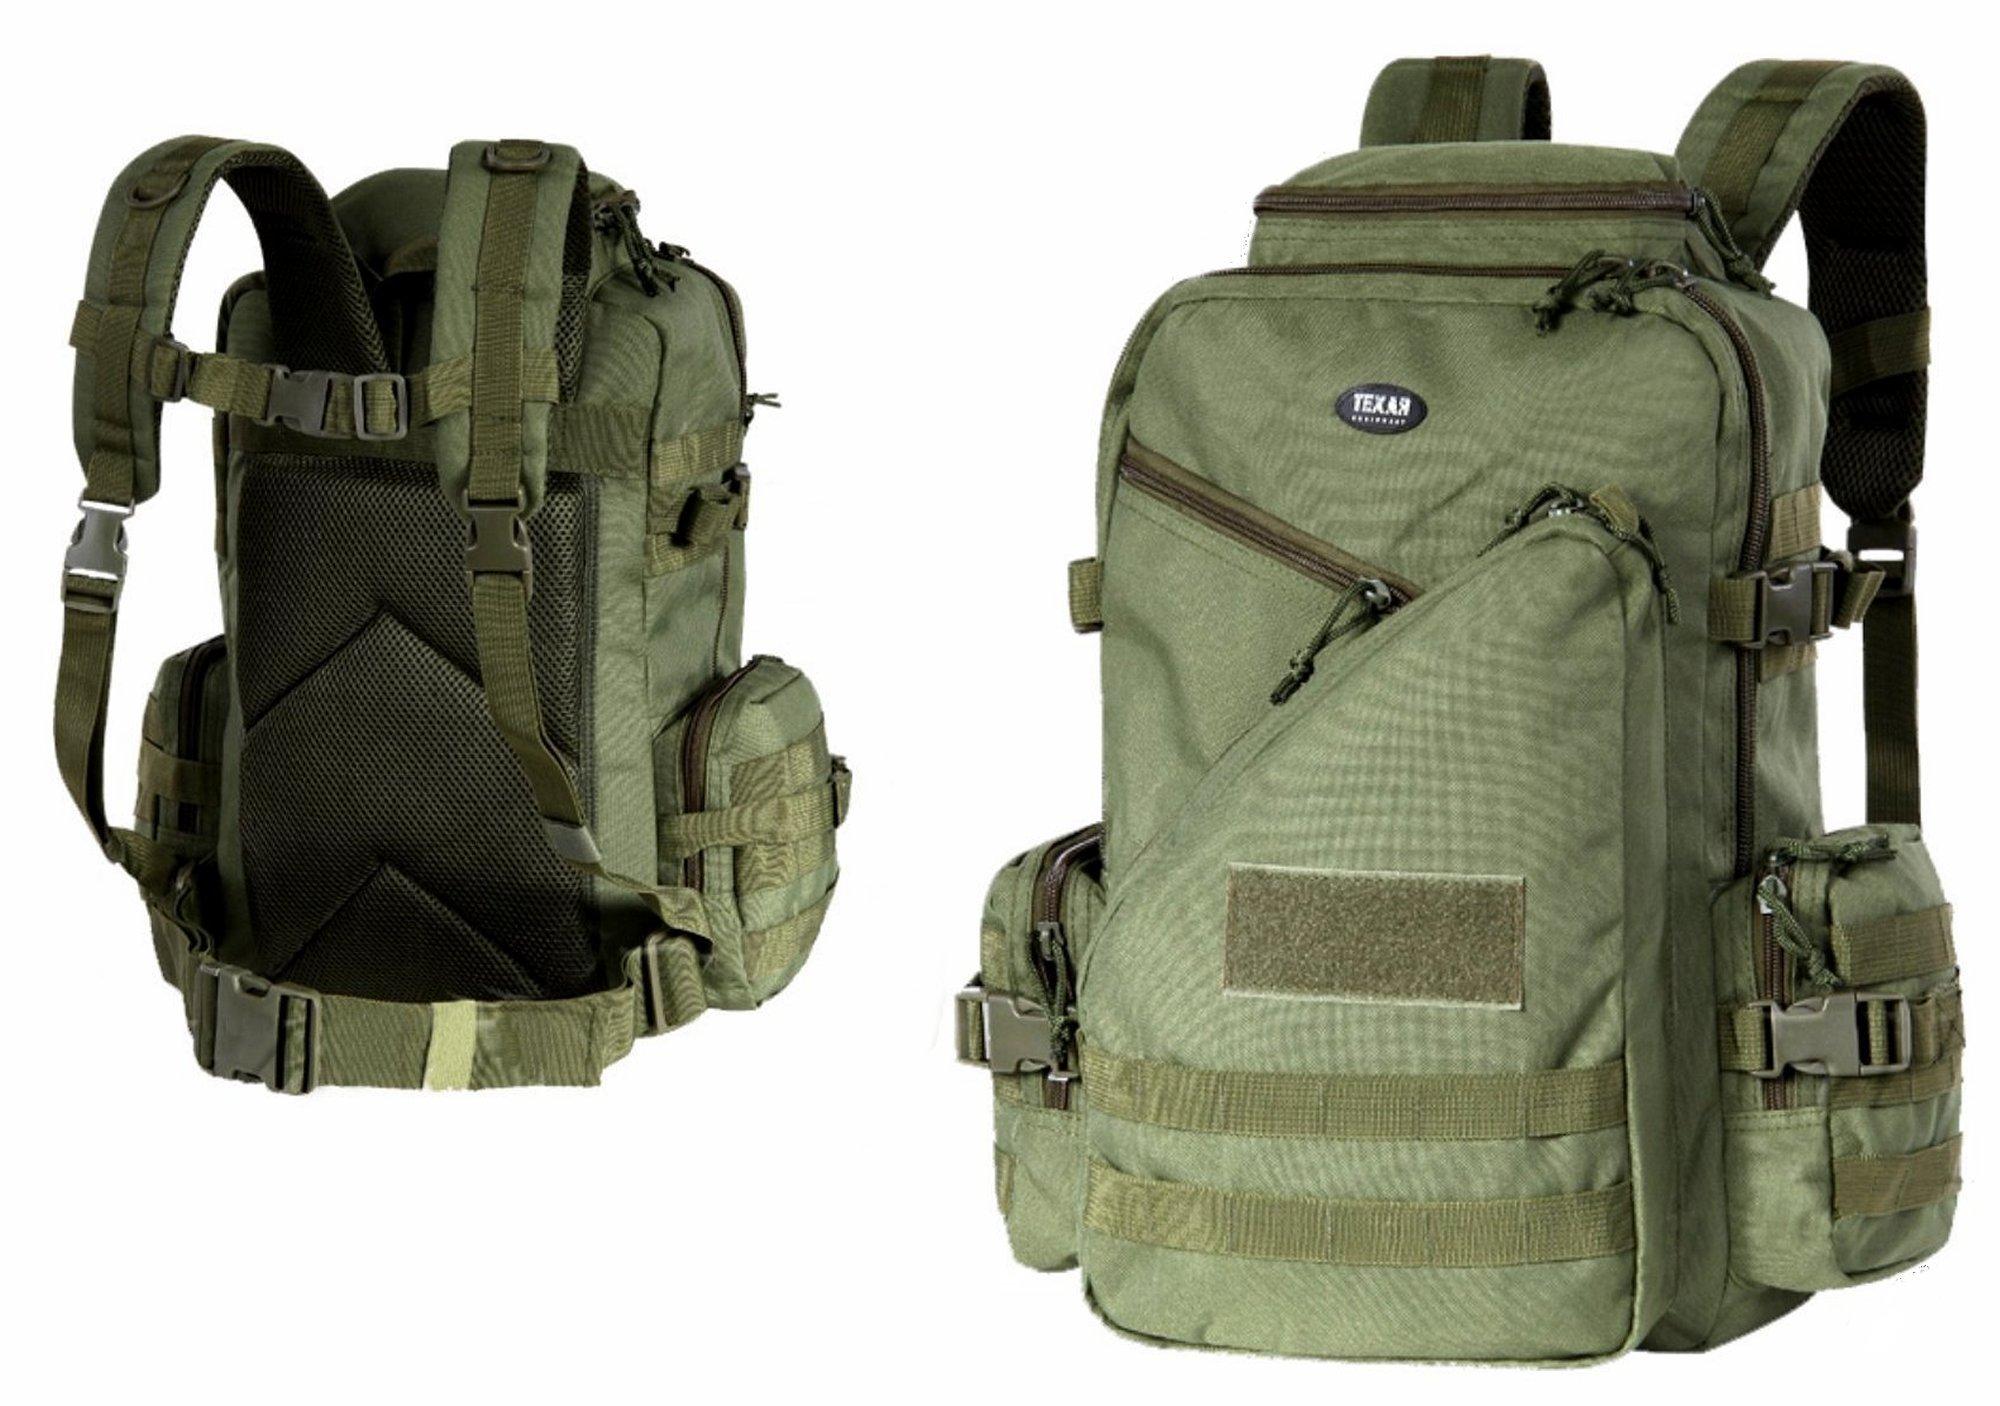 4ced8498b5a0d Plecak WOJSKOWY Taktyczny TEXAR Urban 33L lub cywilu miejski ...